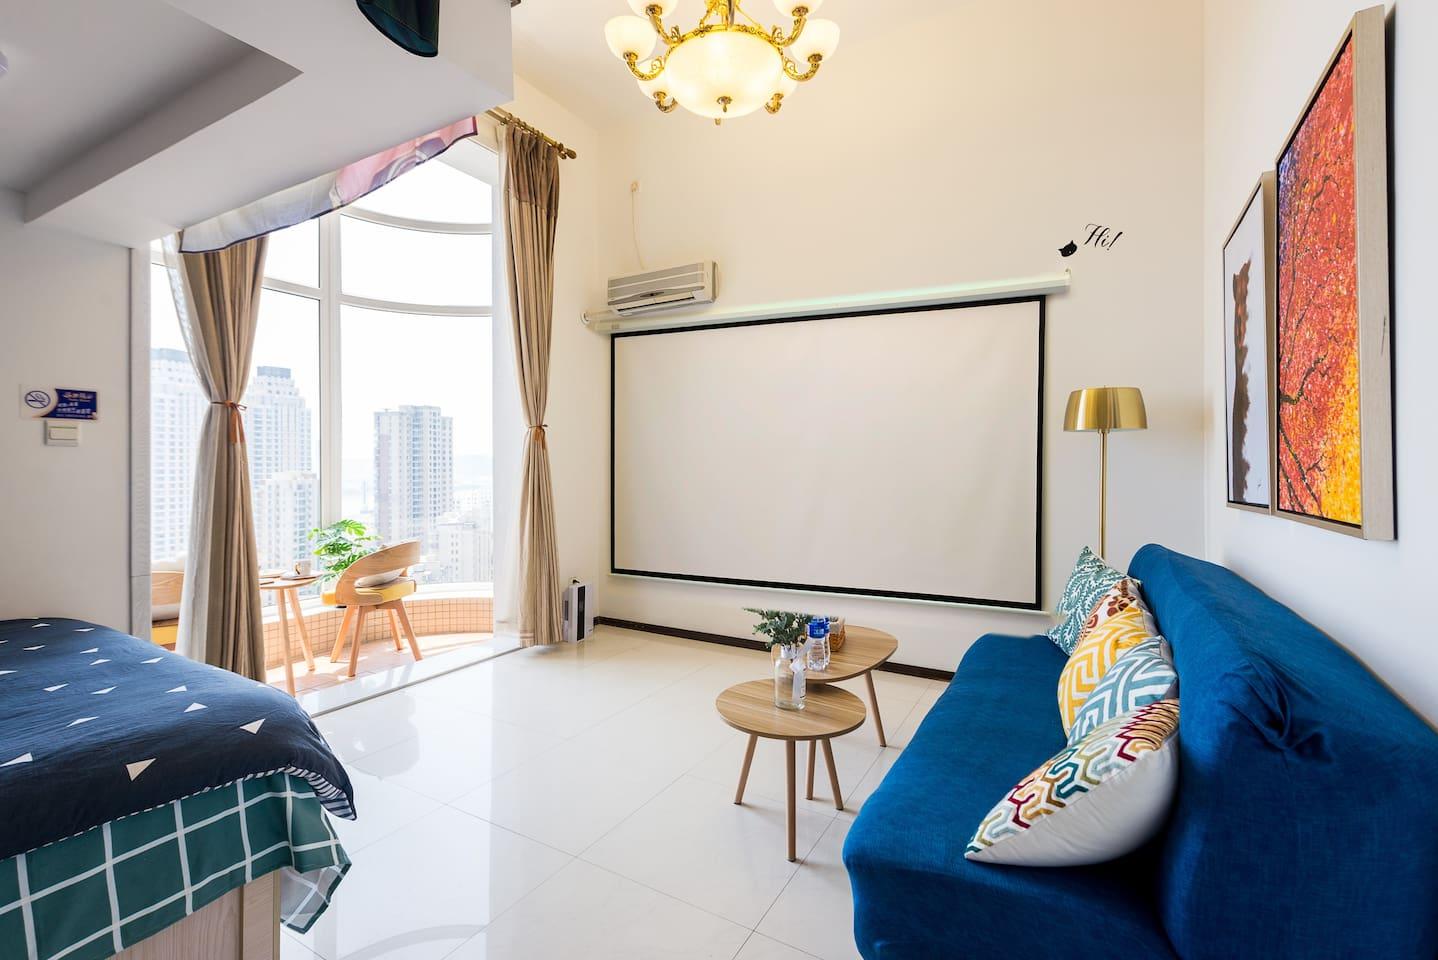 环绕立体声私人影院设备,在家里享受看电影的感觉,幕布120寸!